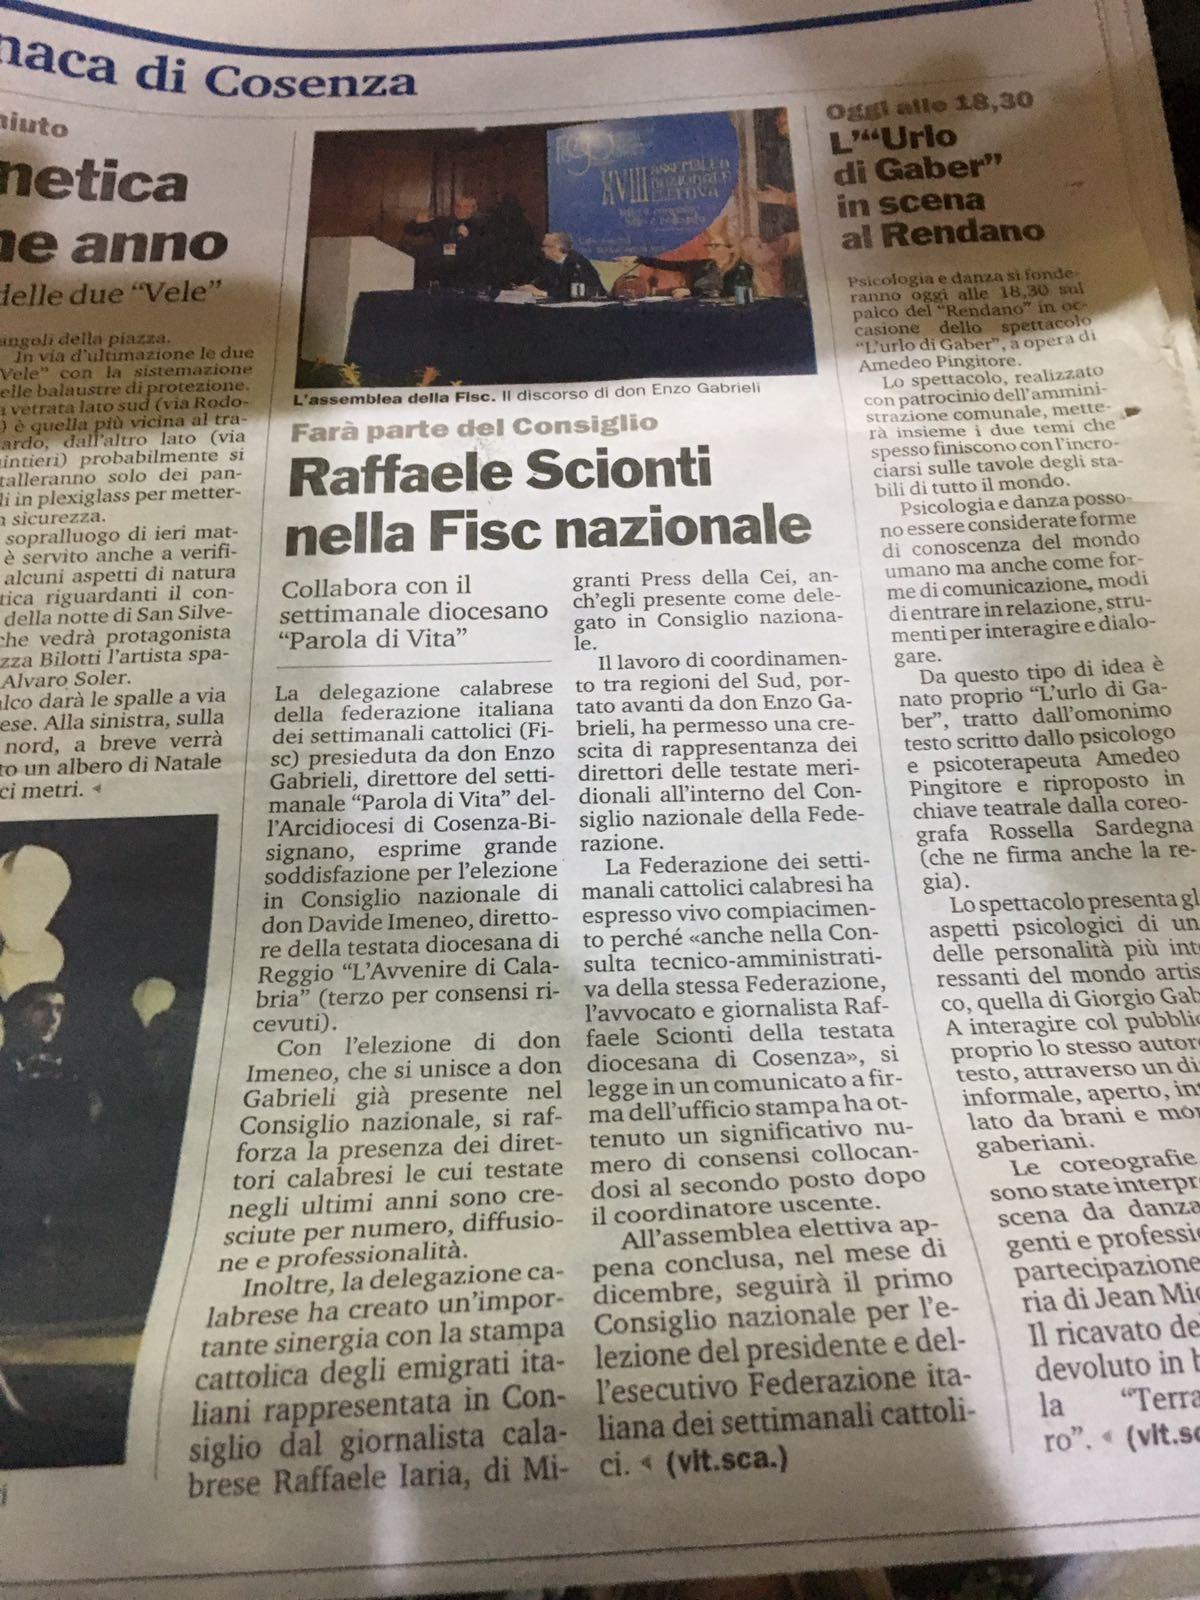 Raffaele Scionti, senior partner di SLCV, eletto ai vertici FISC